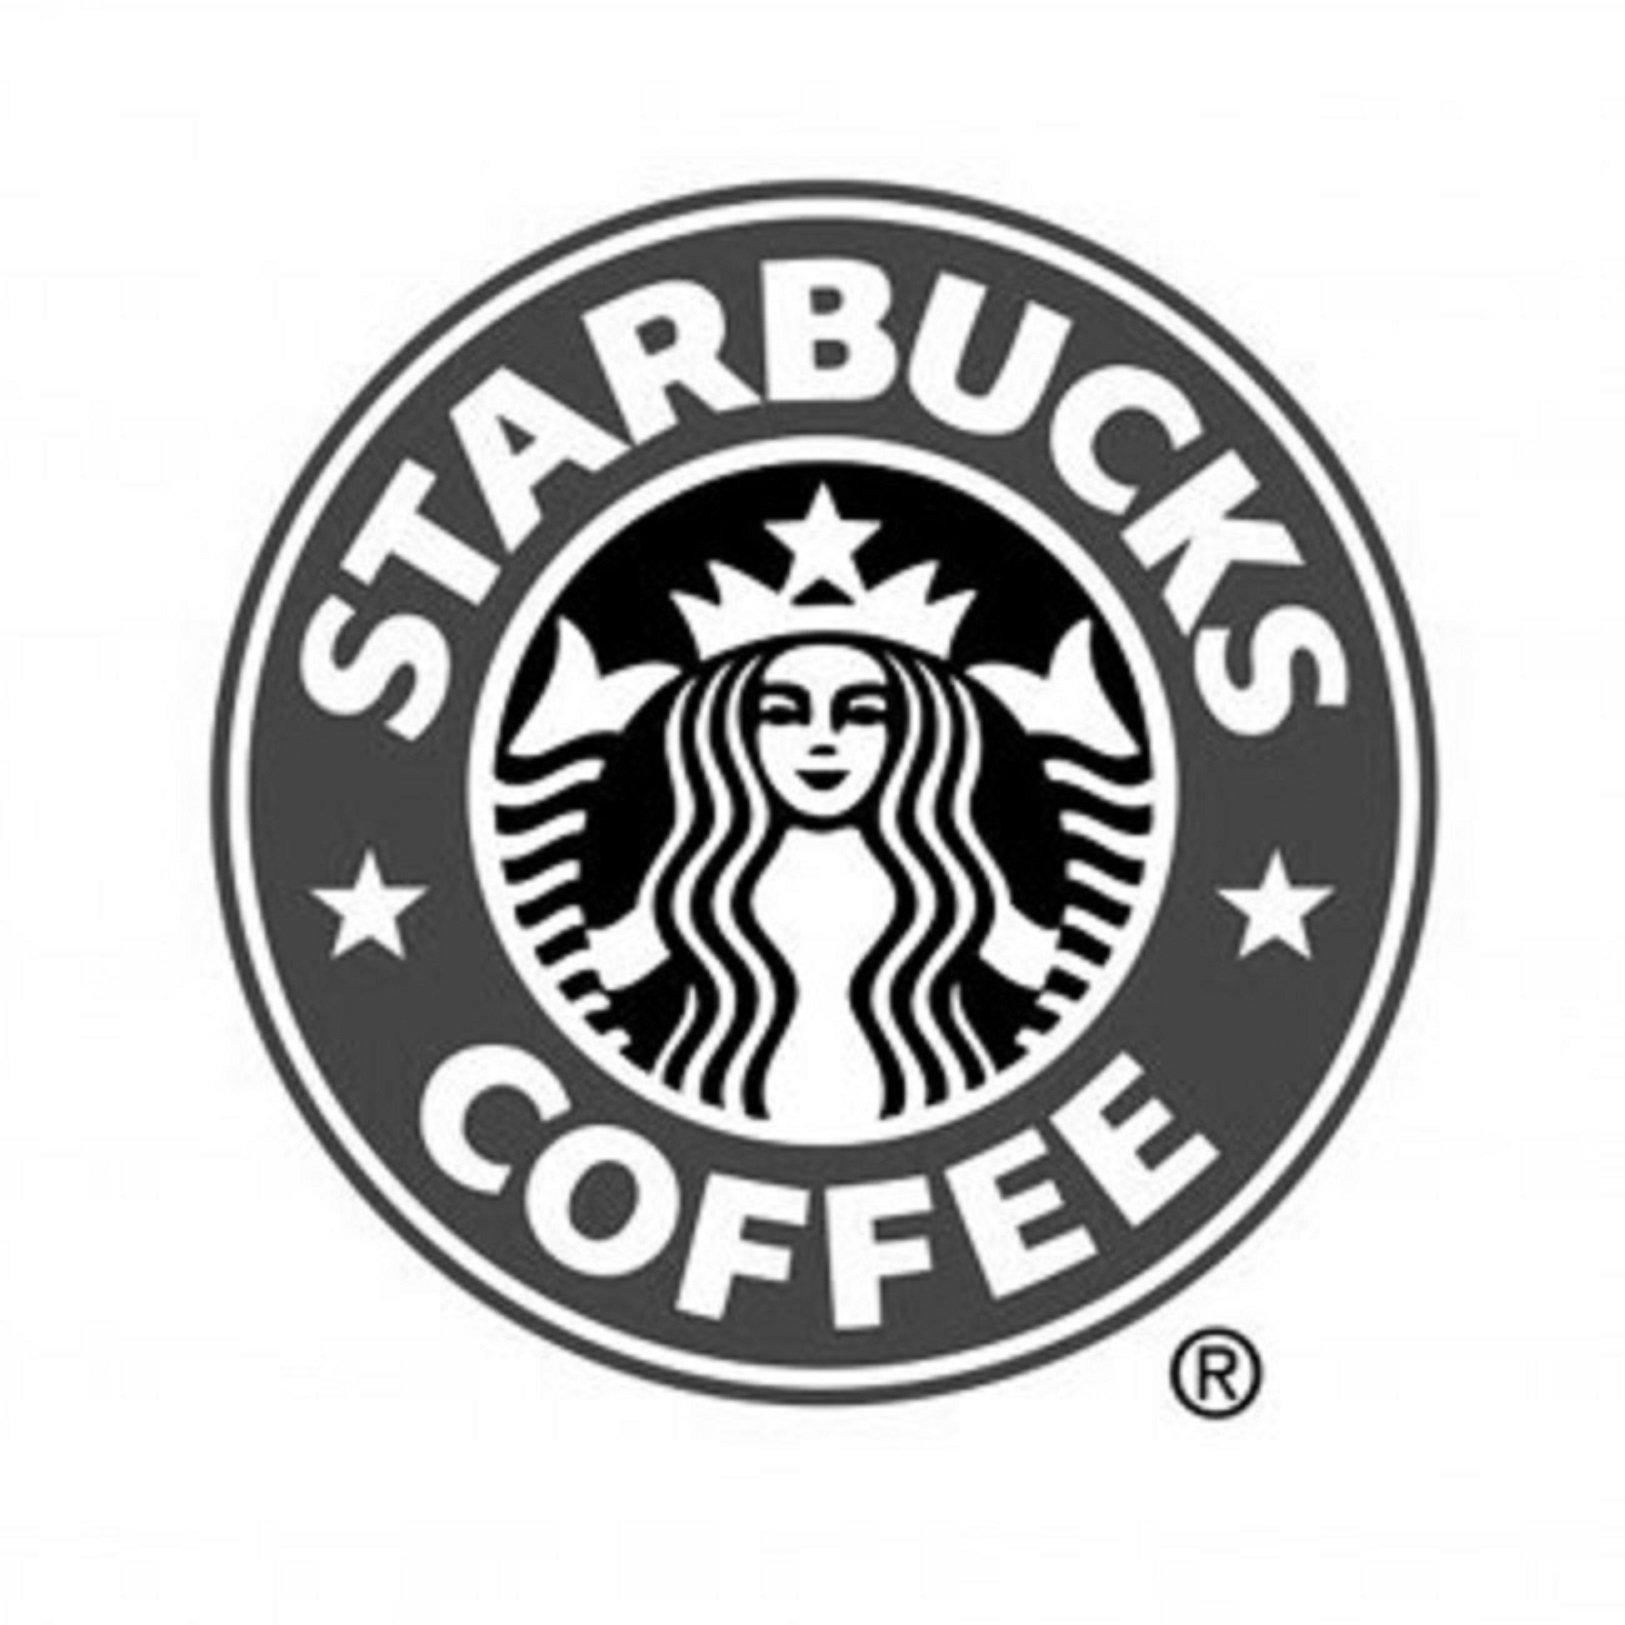 Starbucks Logo 325 325 Shott Beverages